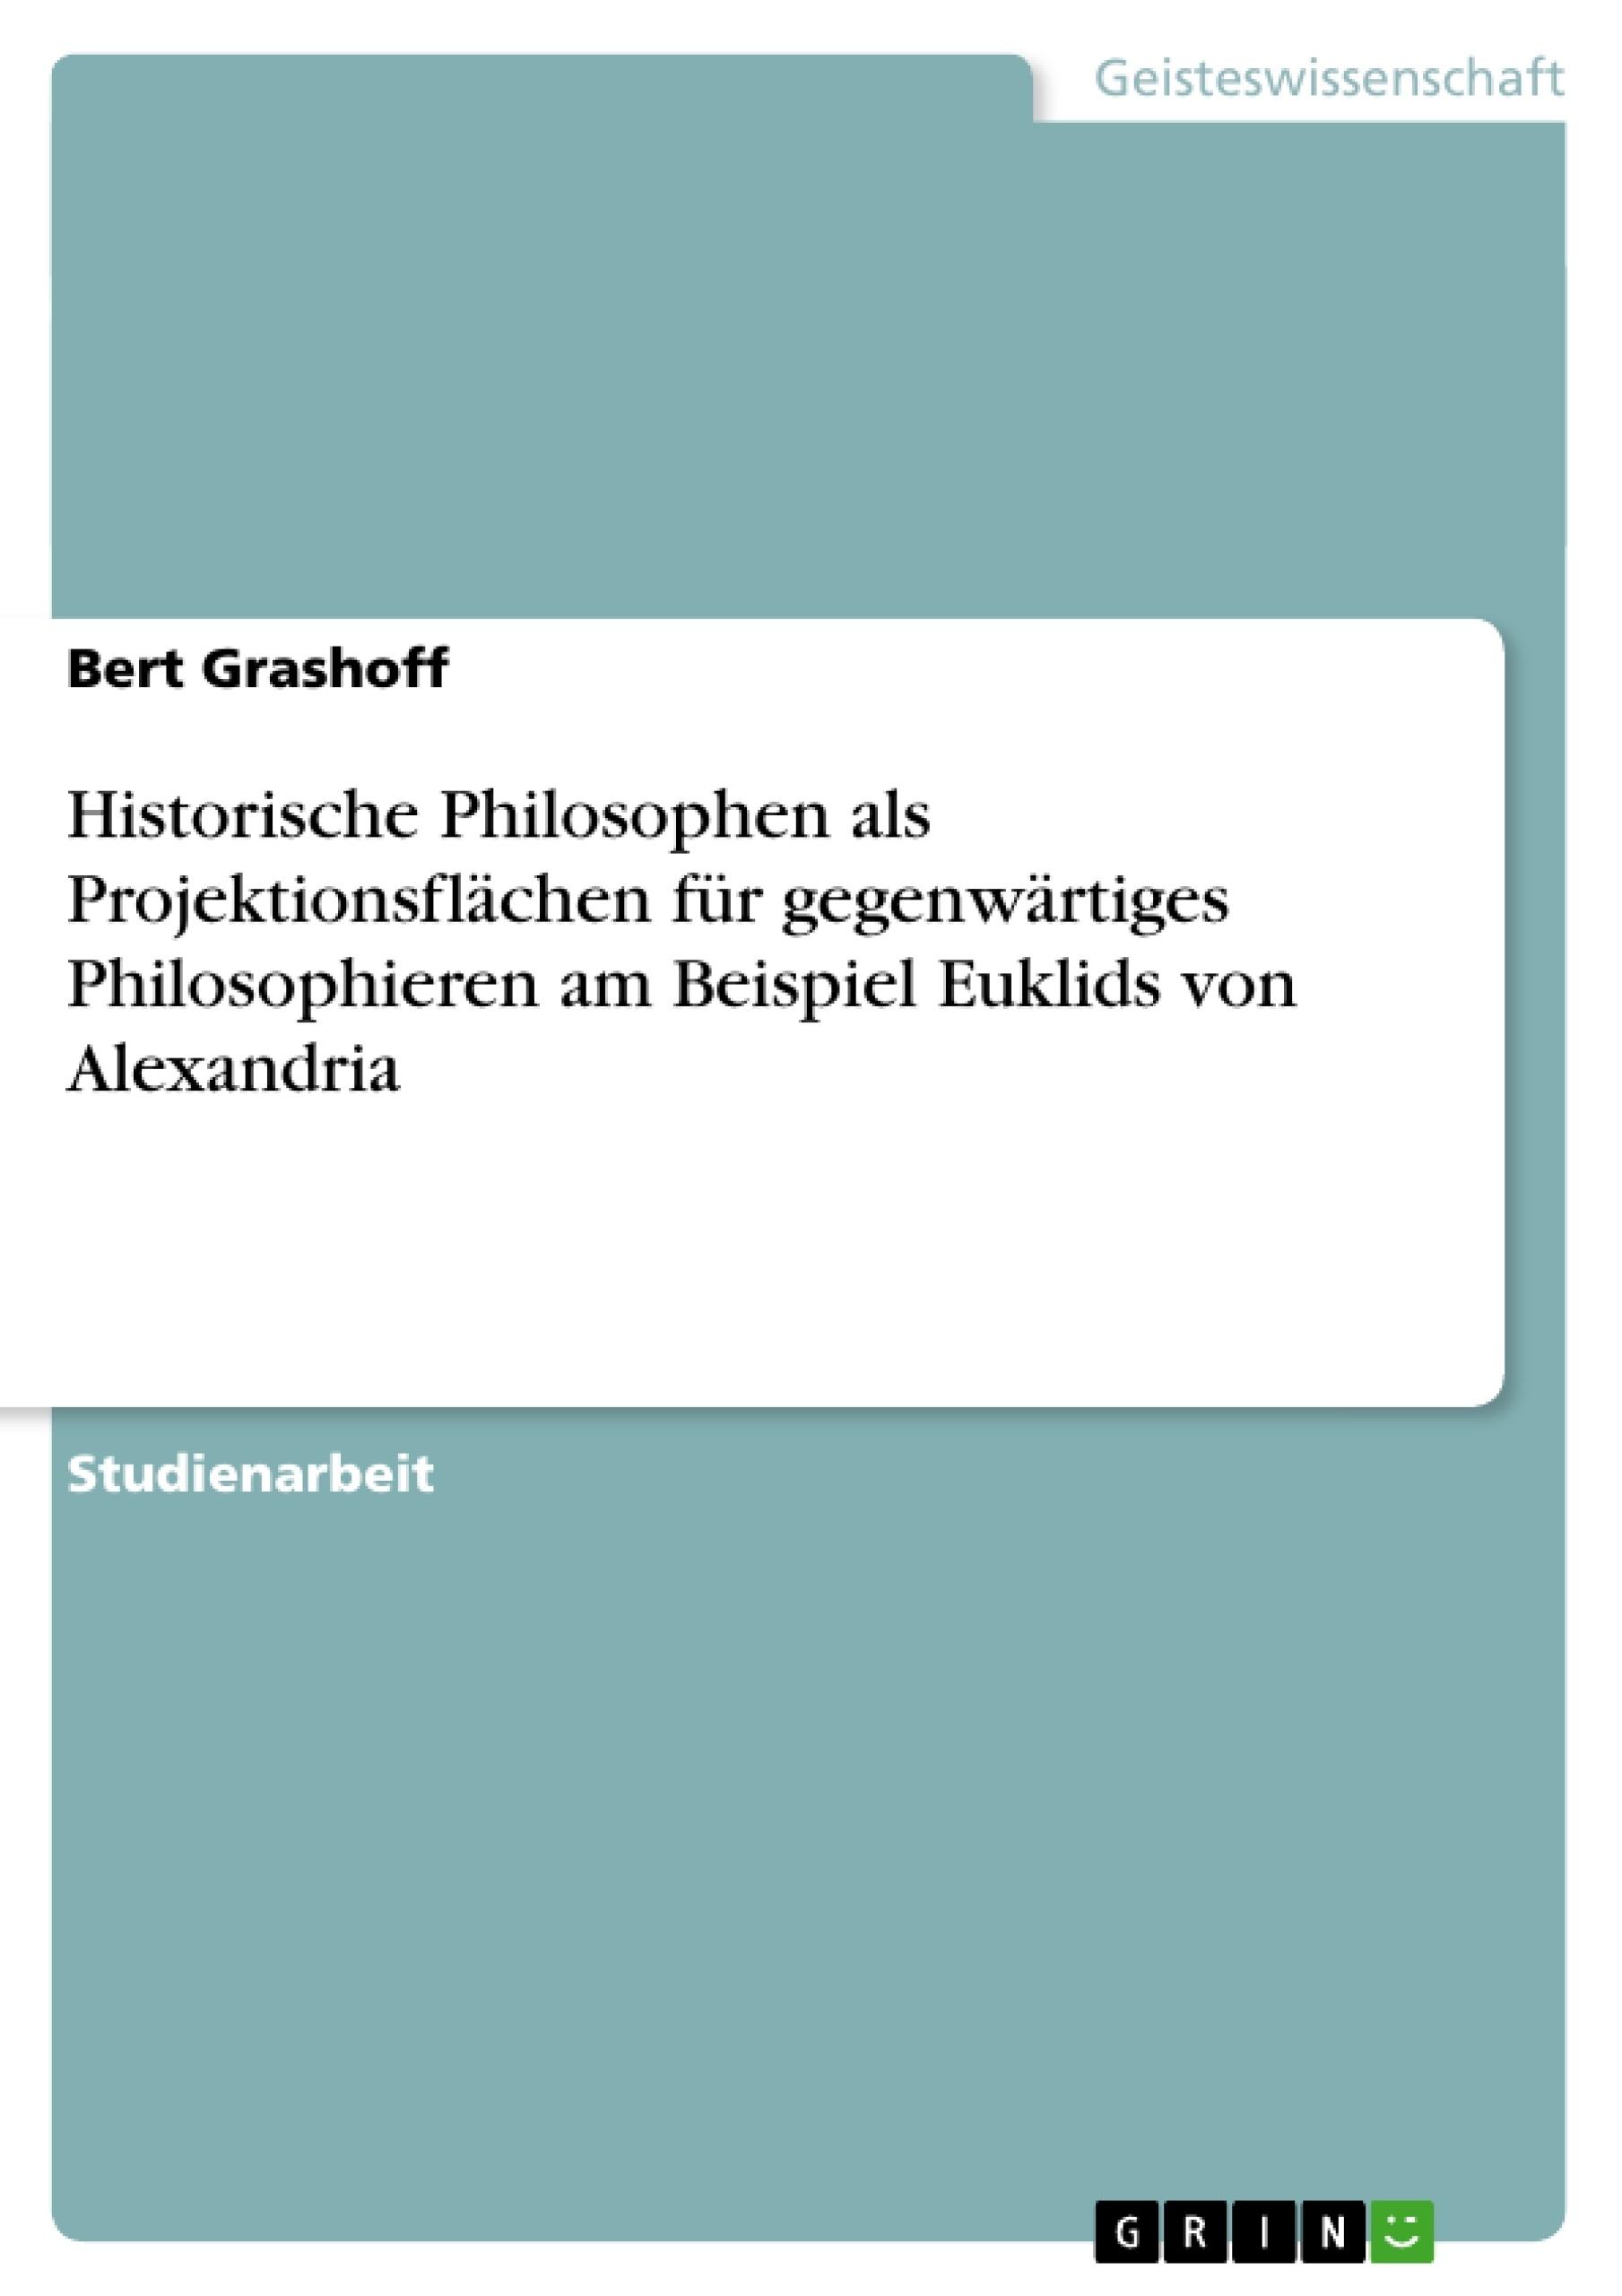 Titel: Historische Philosophen als Projektionsflächen für gegenwärtiges Philosophieren am Beispiel Euklids von Alexandria